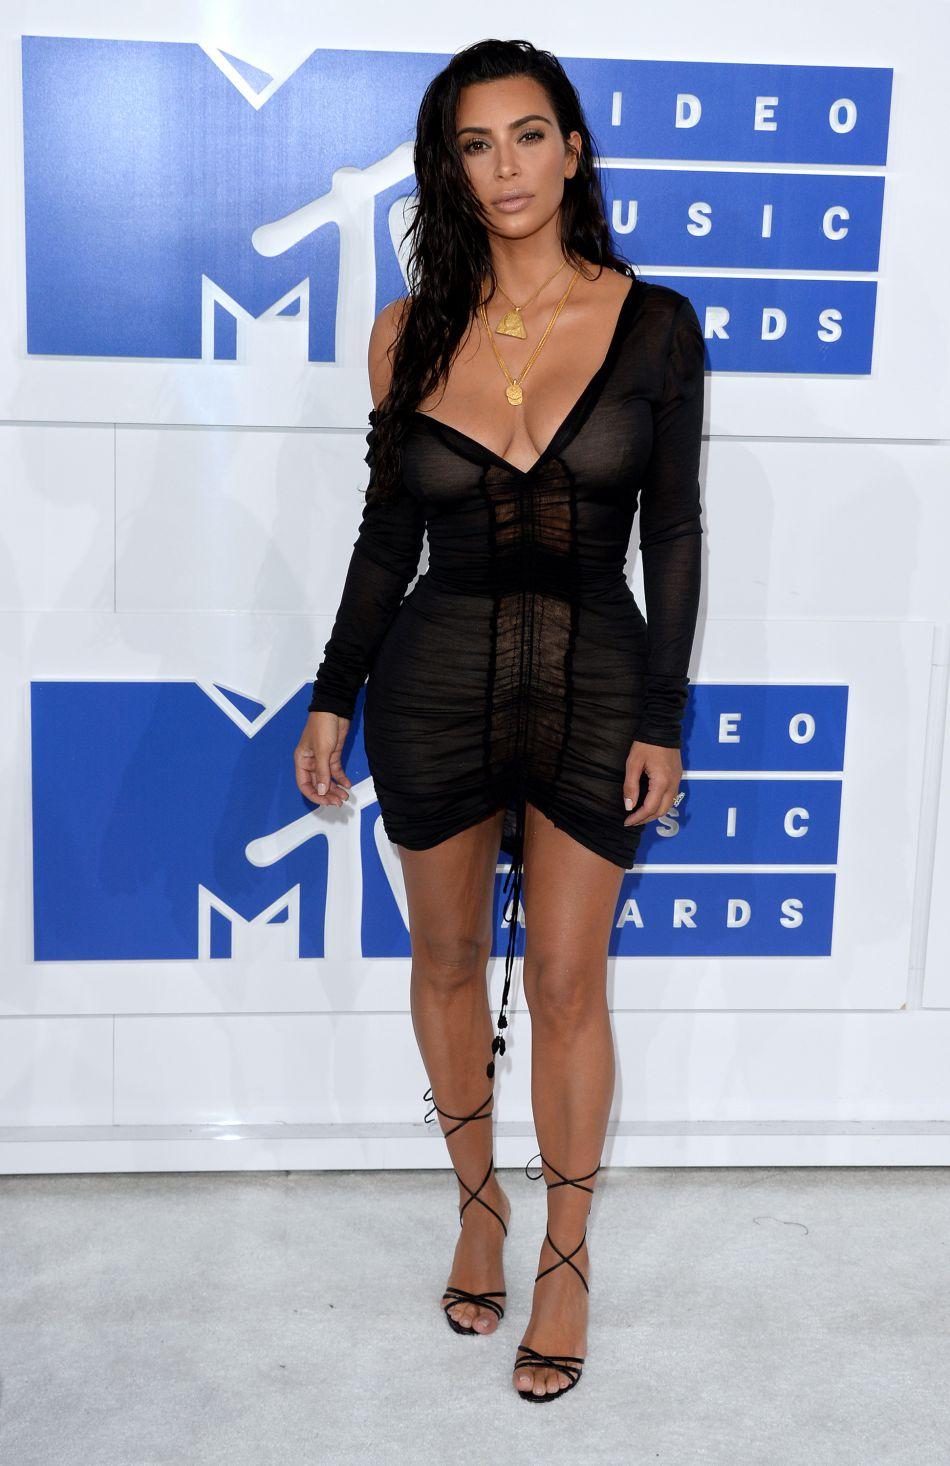 La bague de Kim Kardashian est estimée à près de 10 millions de dollars.